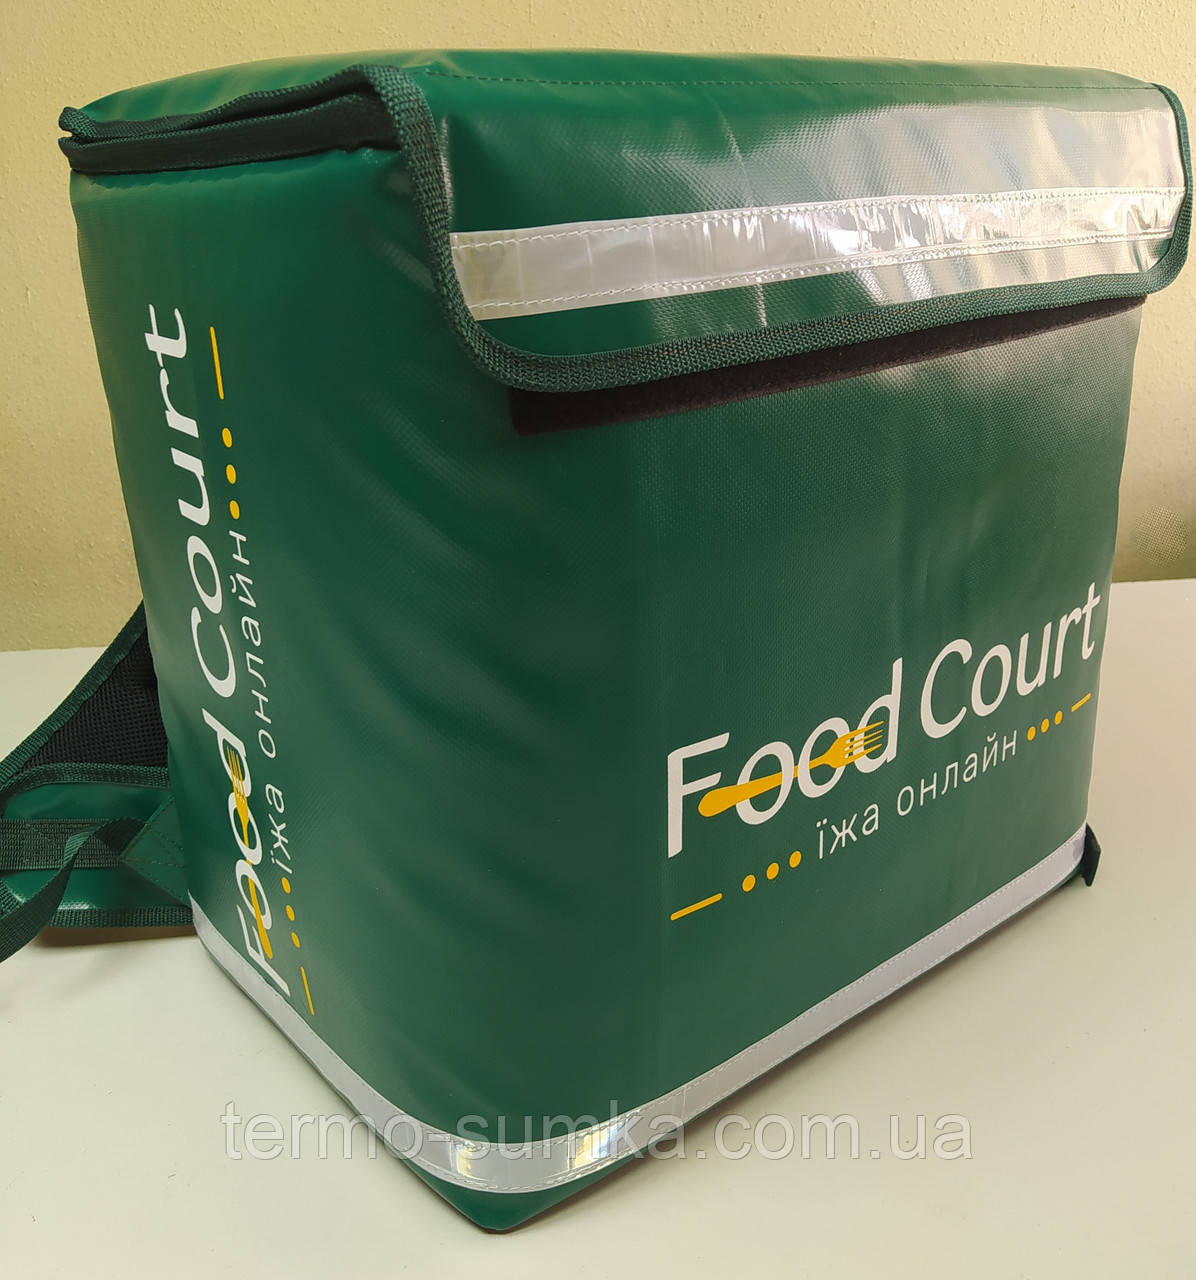 Термосумка для курьерской доставки пиццы, суши, напитков, еды. Рюкзак для еды, суши, напитков. Каркас. ПВХ